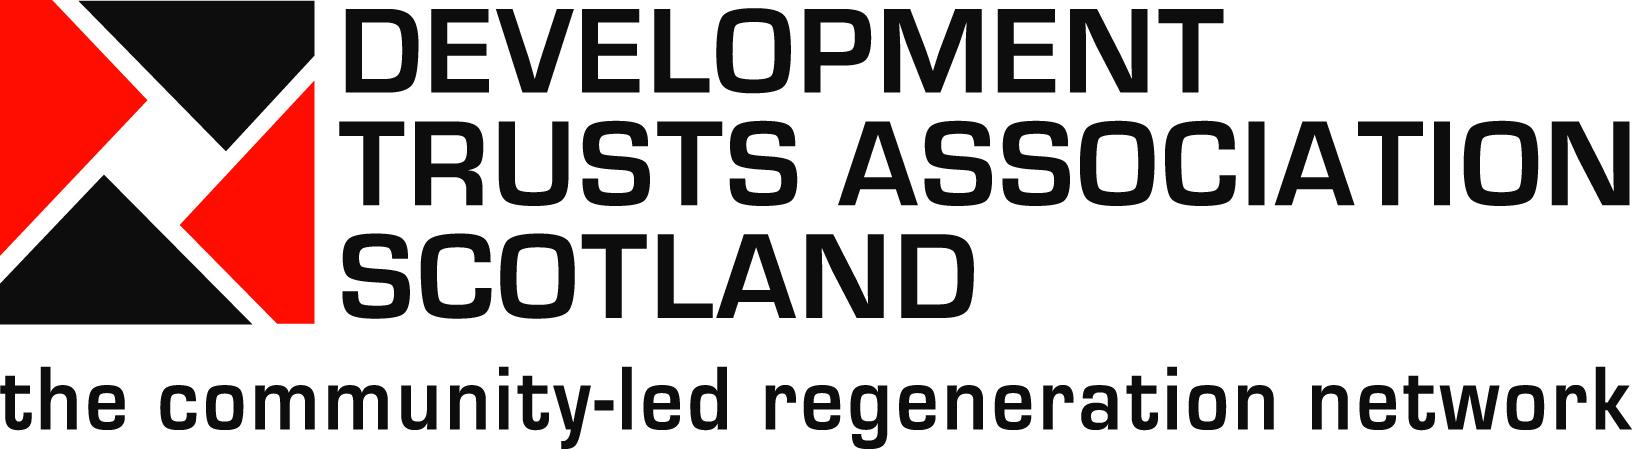 Development Trust Association Scotland